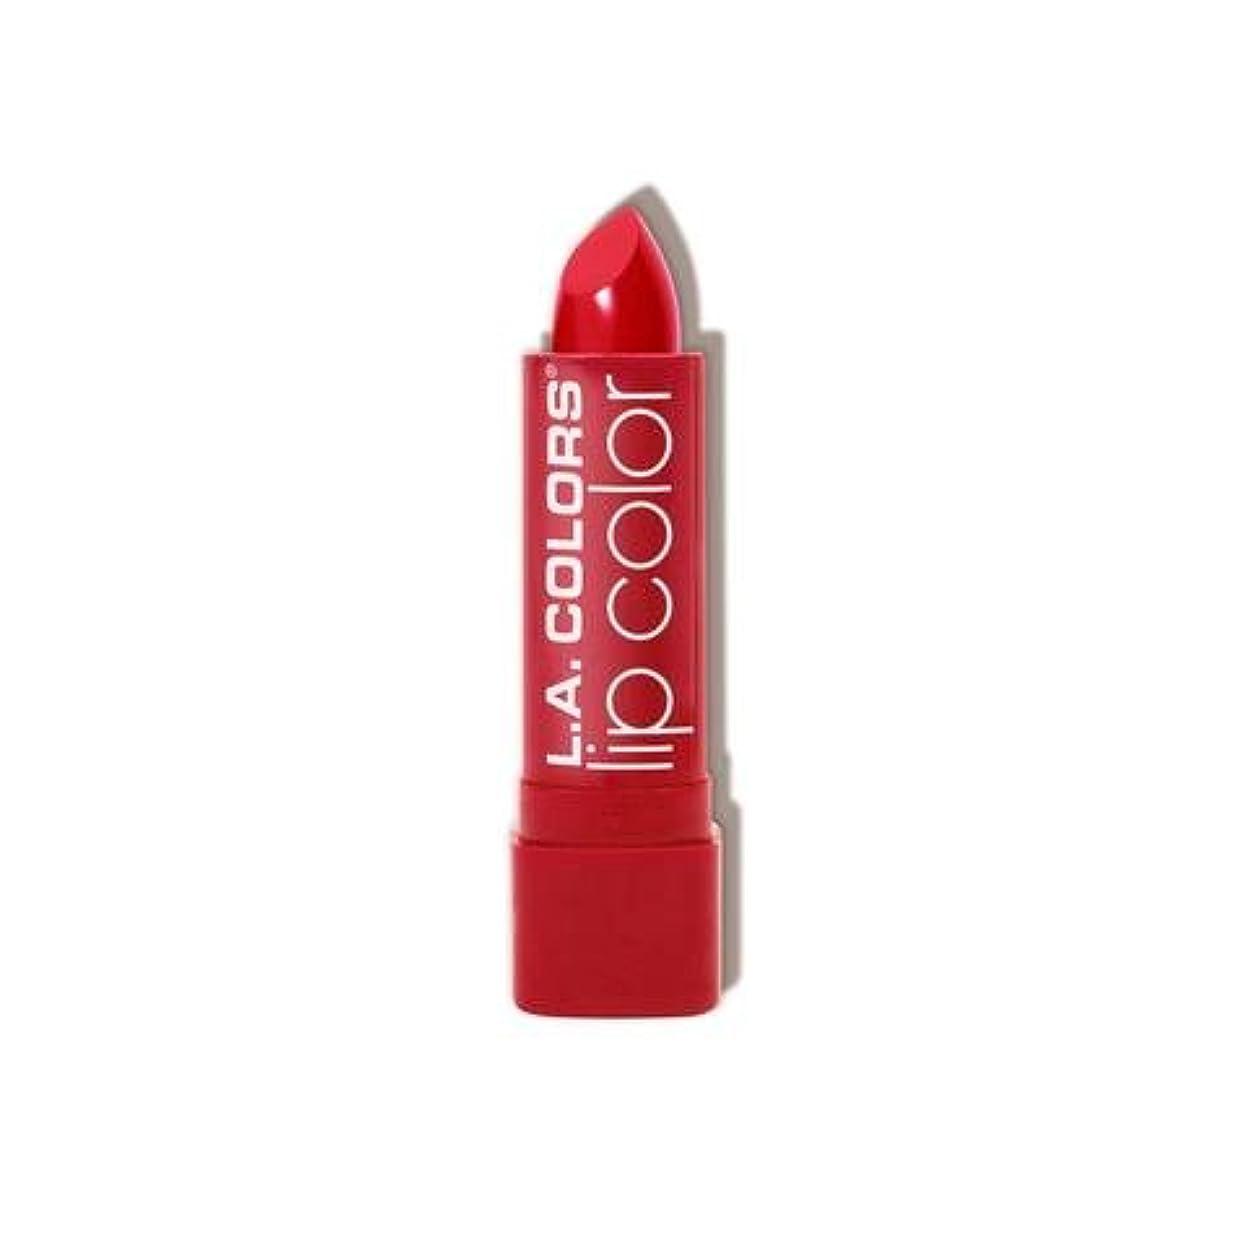 L.A. COLORS Moisture Rich Lip Color - Cherry Red (並行輸入品)